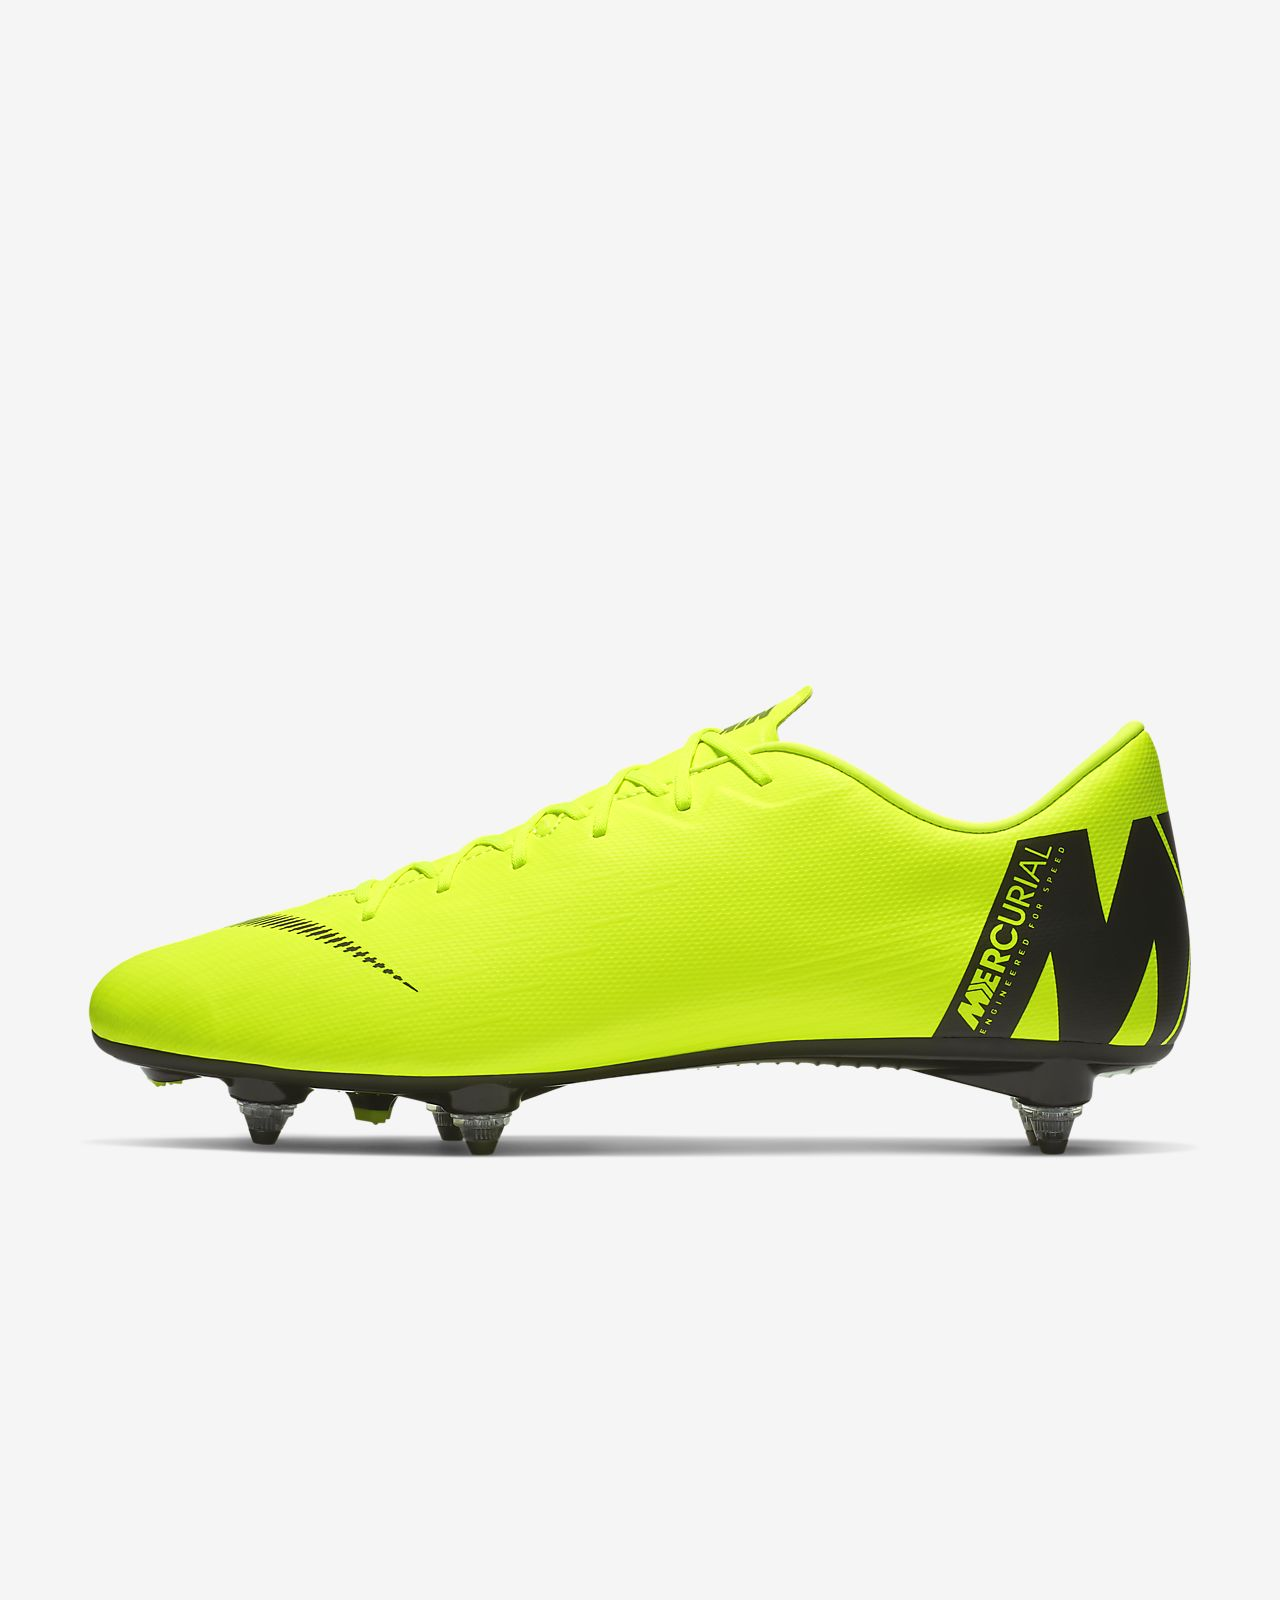 Nike Mercurial Vapor XII Academy SG-PRO lágy talajra készült stoplis  futballcipő 0153dd7323